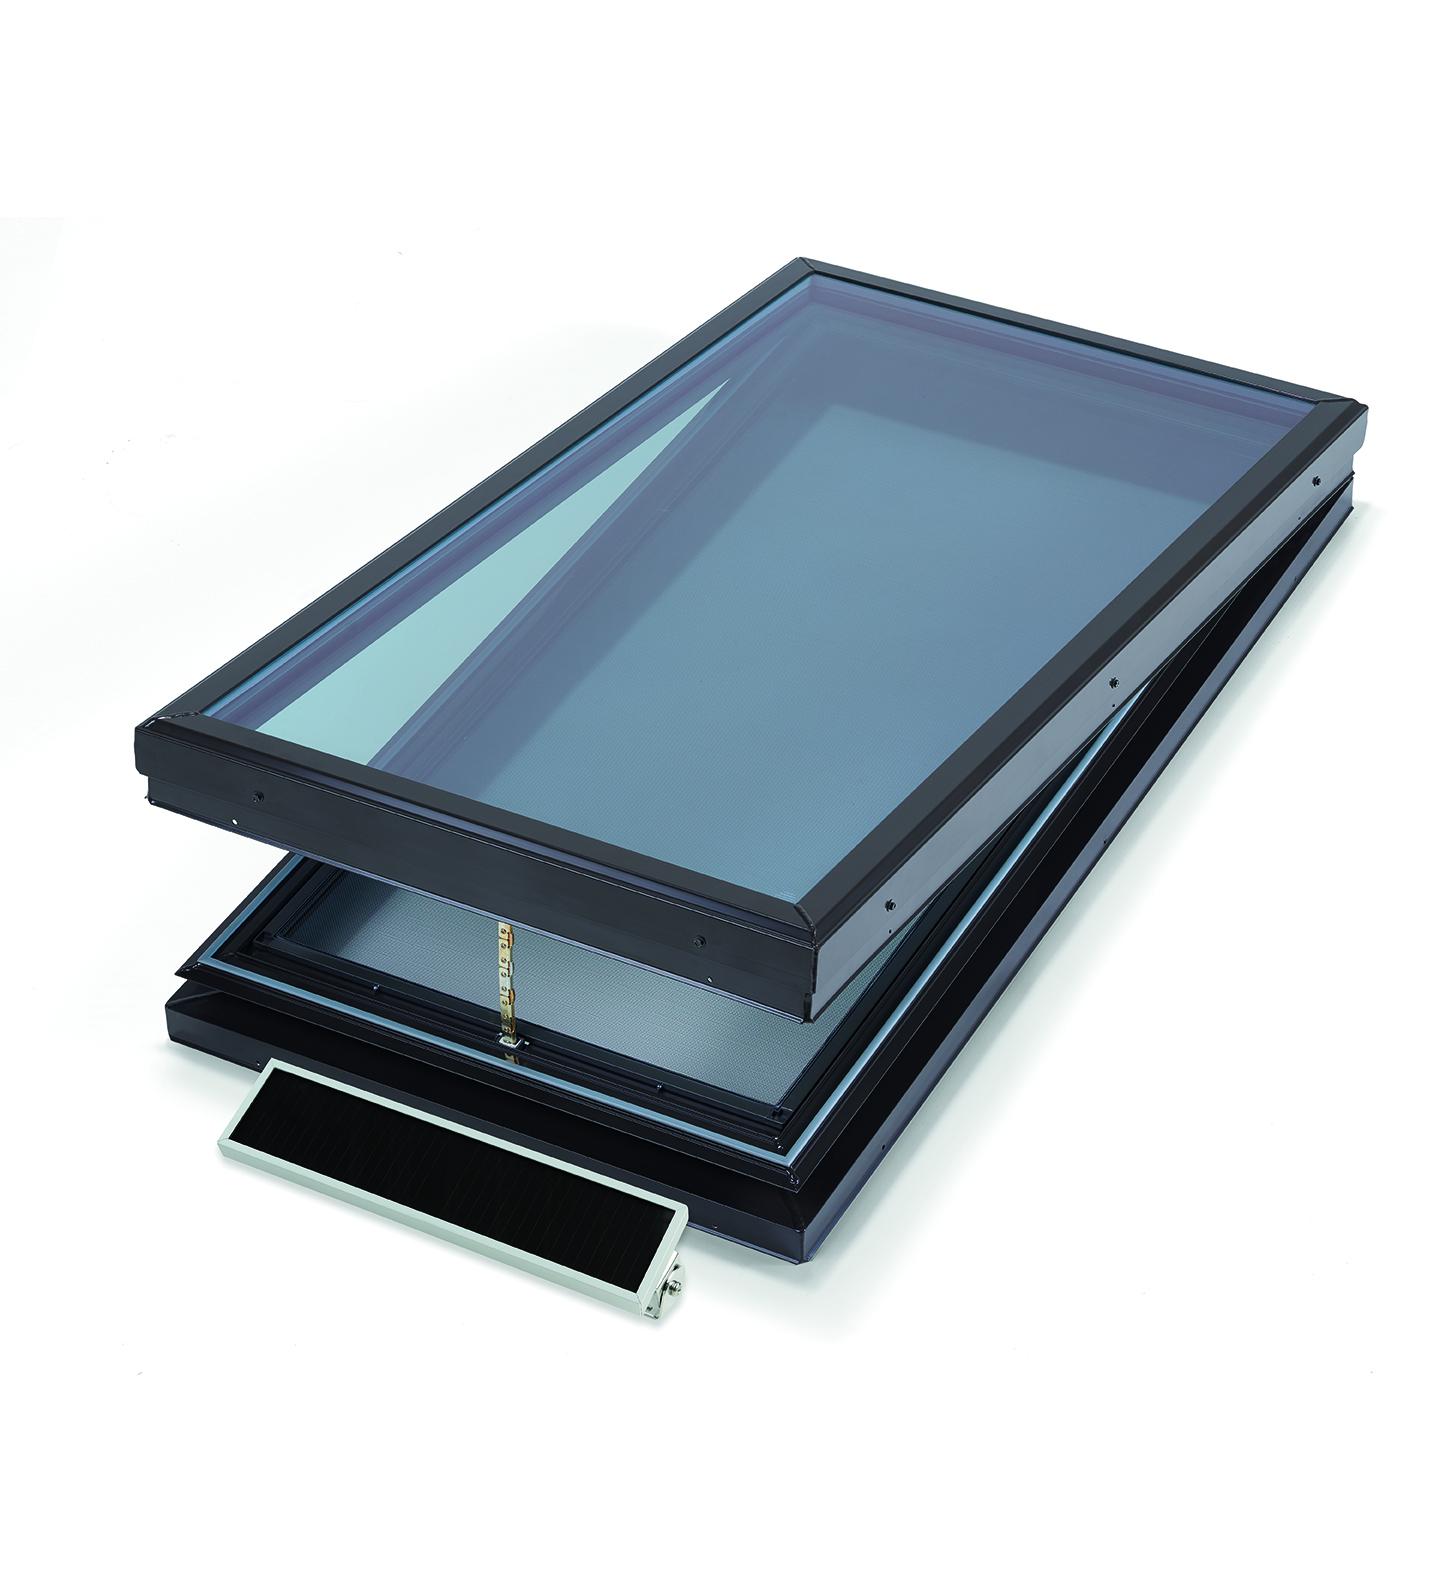 Operable Glass Skylight in Whittier, CA